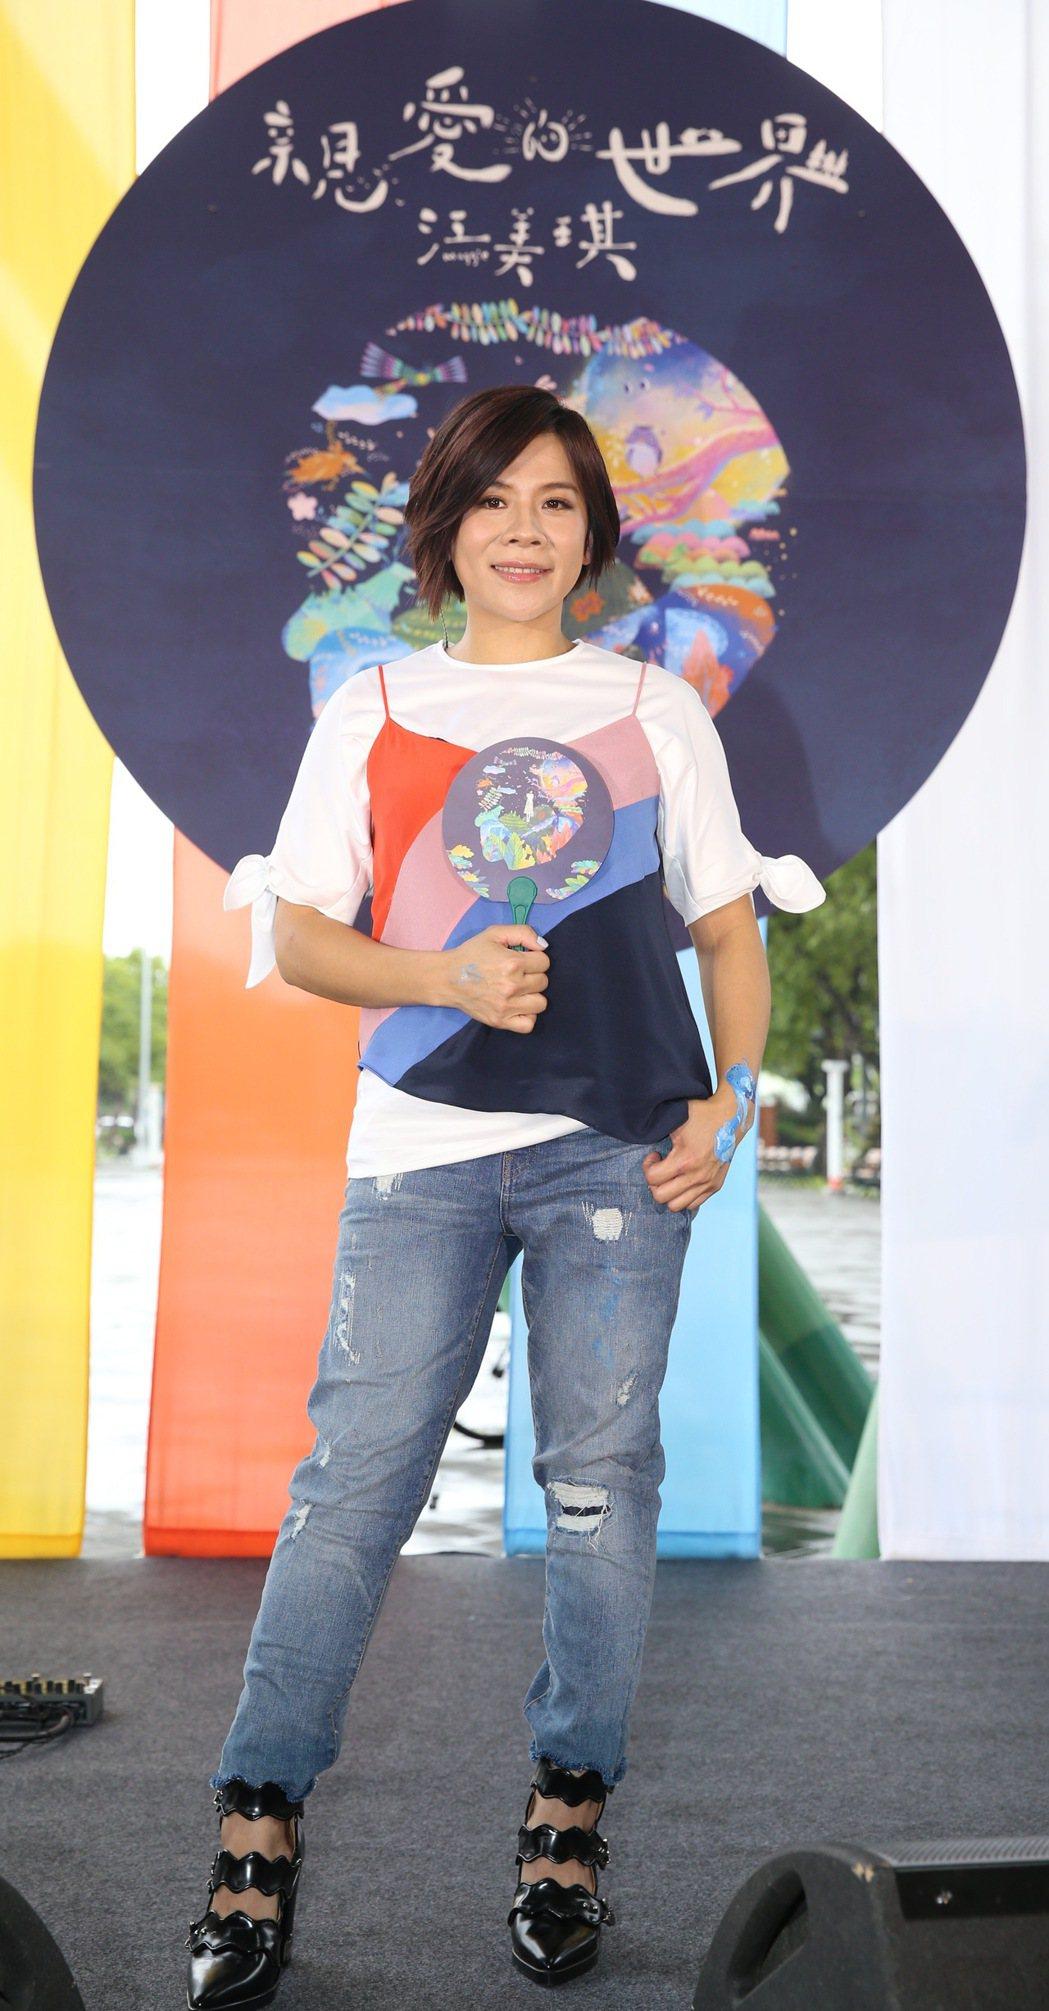 江美琪將於9/15發行全新專輯《親愛的世界》,下午在花博舉辦「彩色動物園」直播音